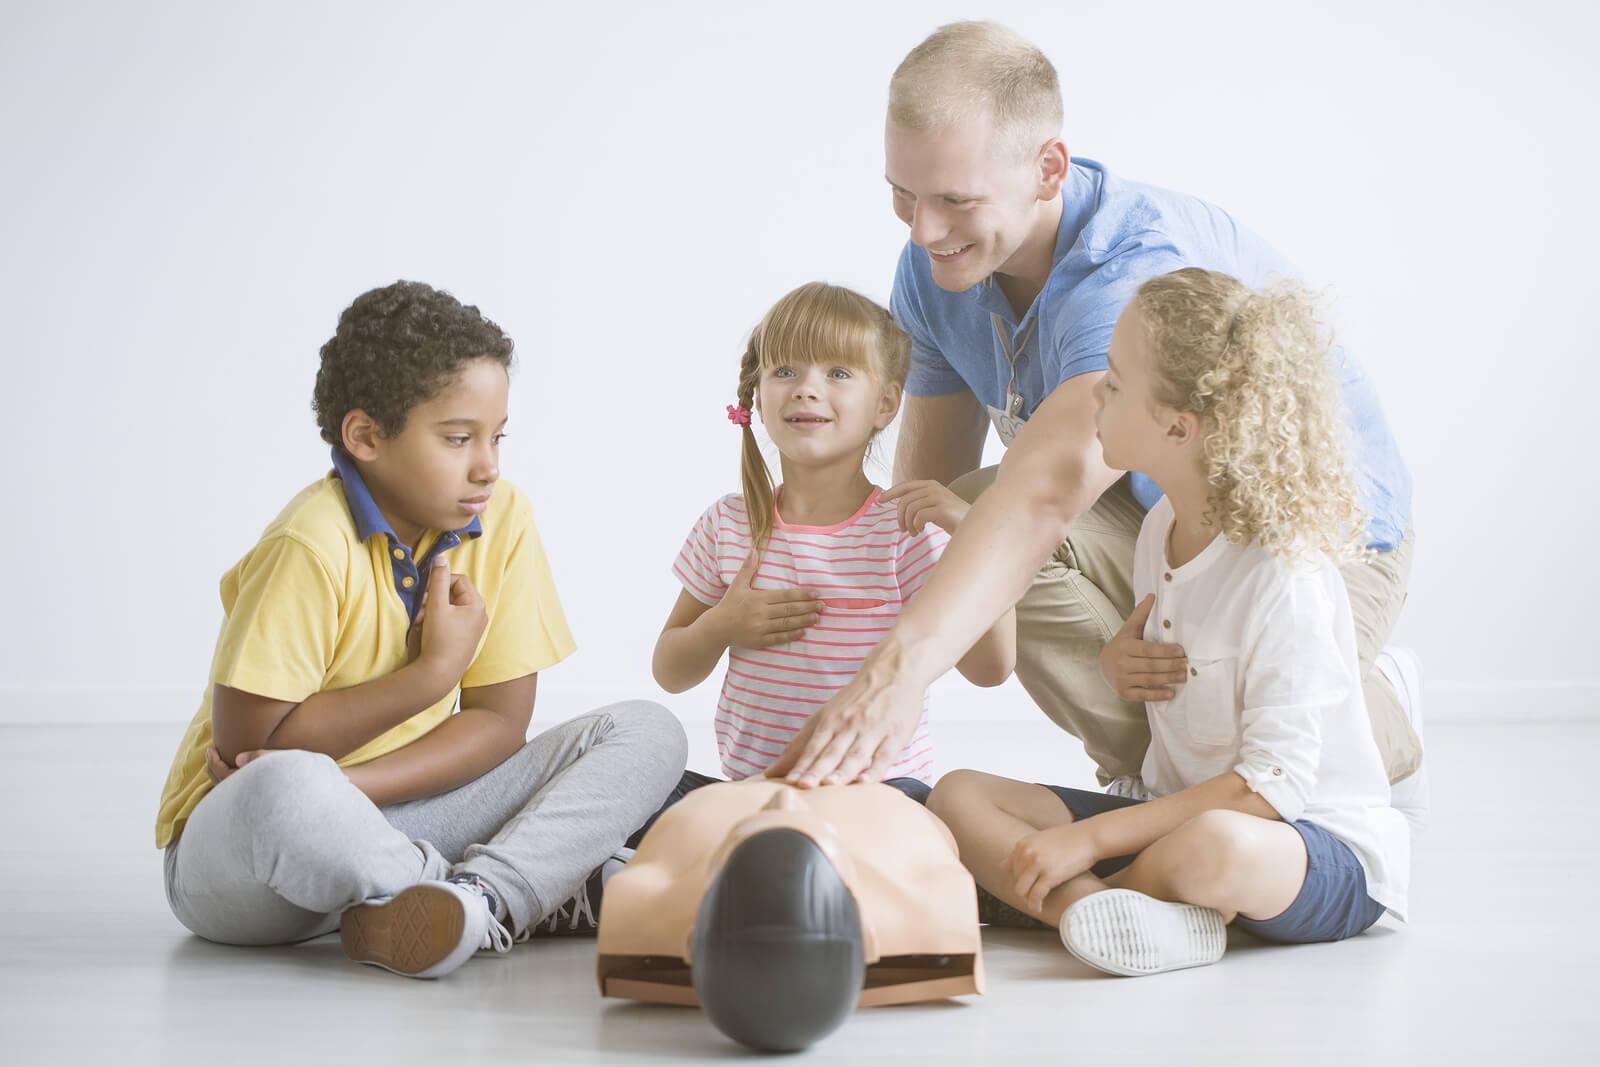 Teaching Kids Basic First Aid